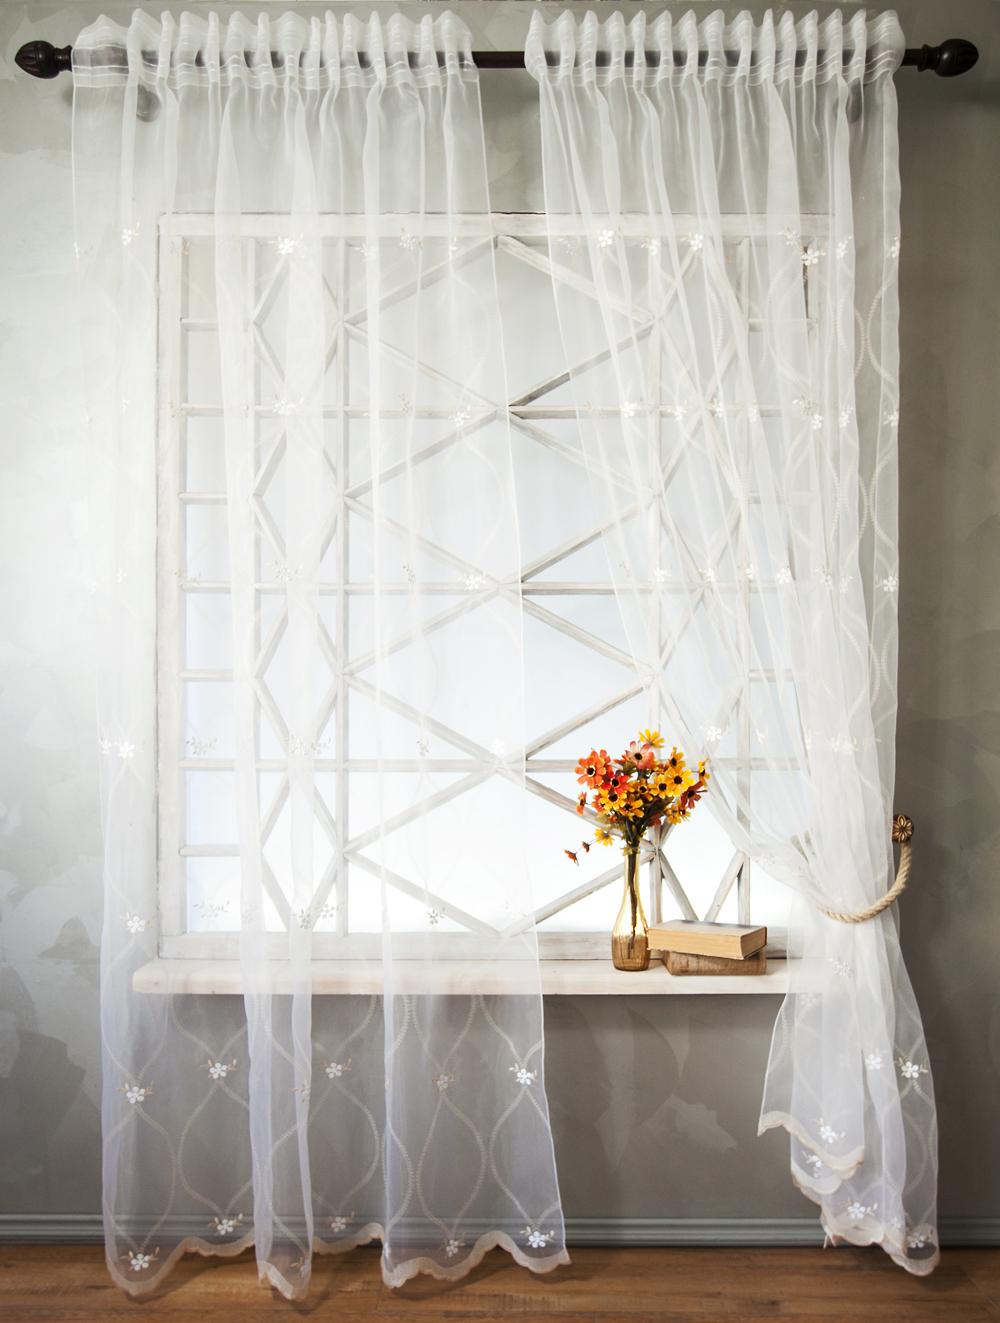 Купить Шторы PASIONARIA, Классические шторы Christel Цвет: Белый, Россия, Органза